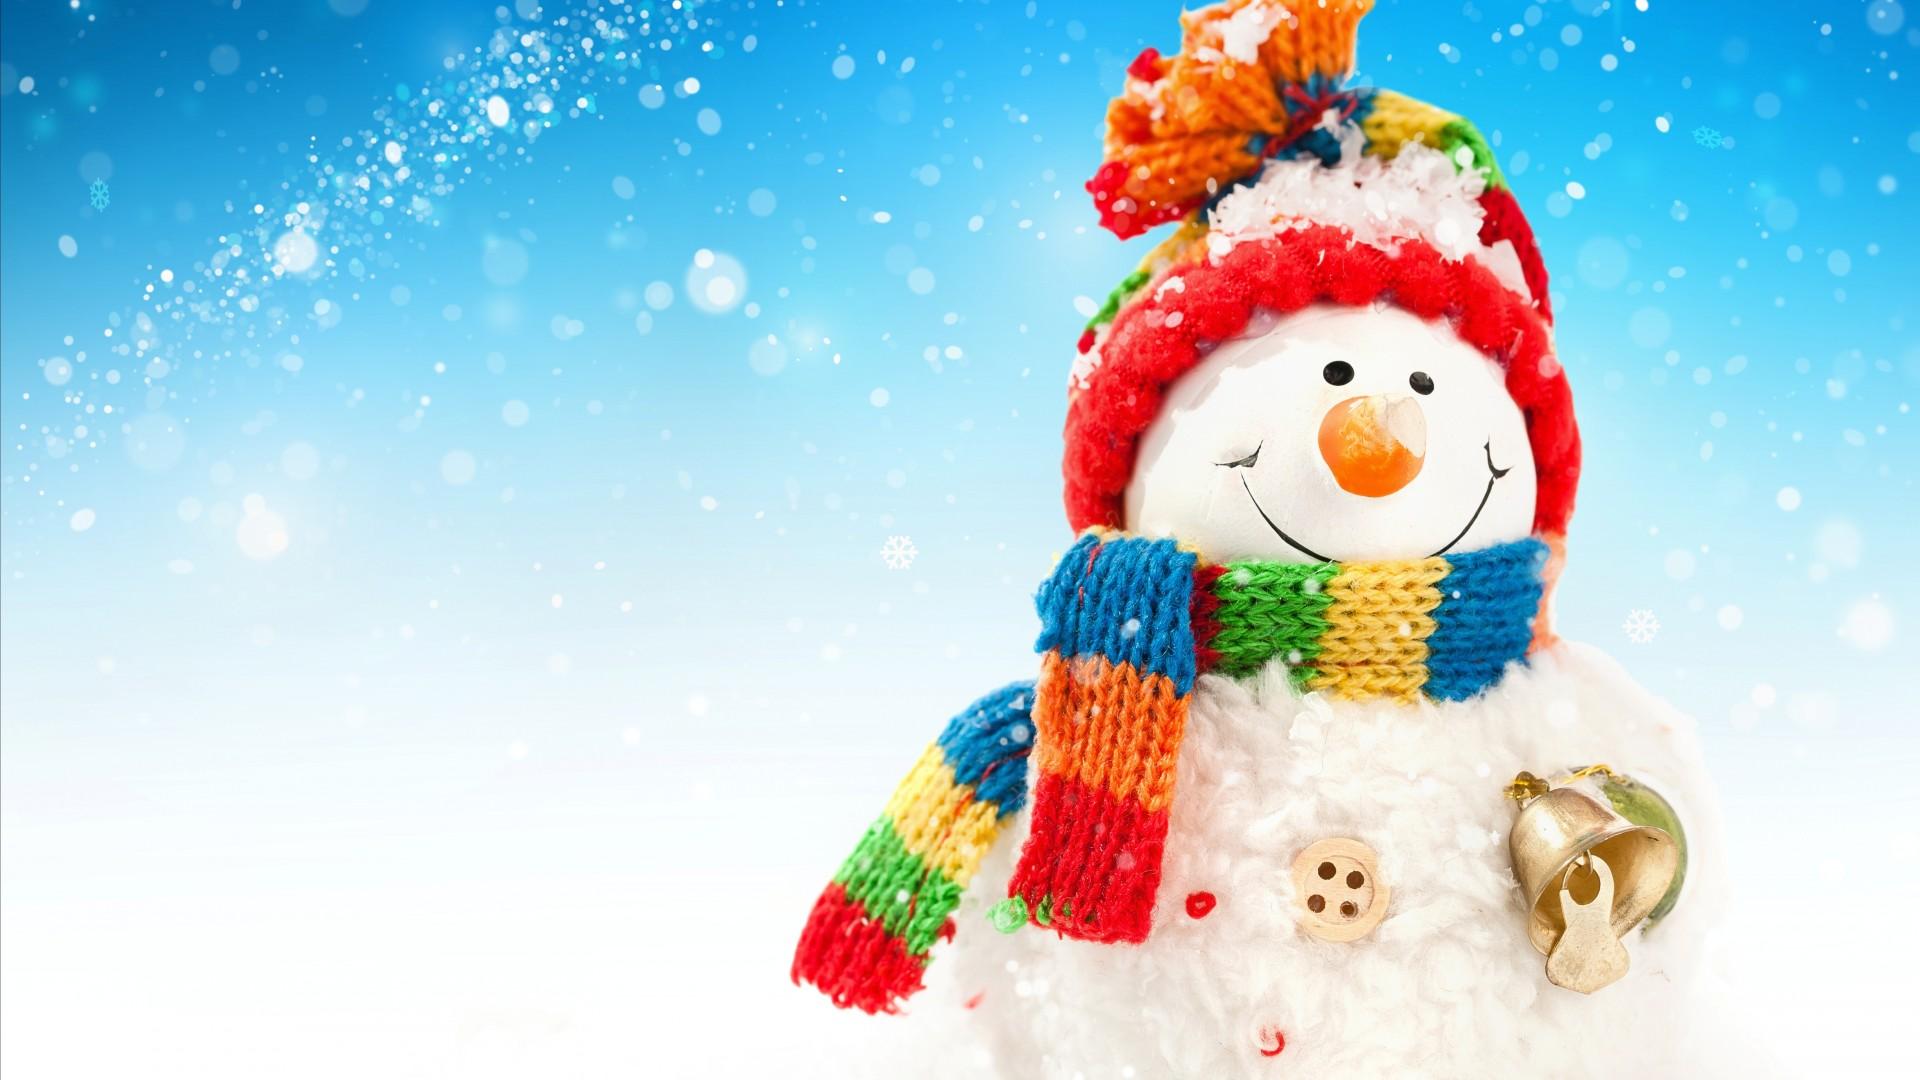 圣诞节可爱小雪人ppt背景图片下载